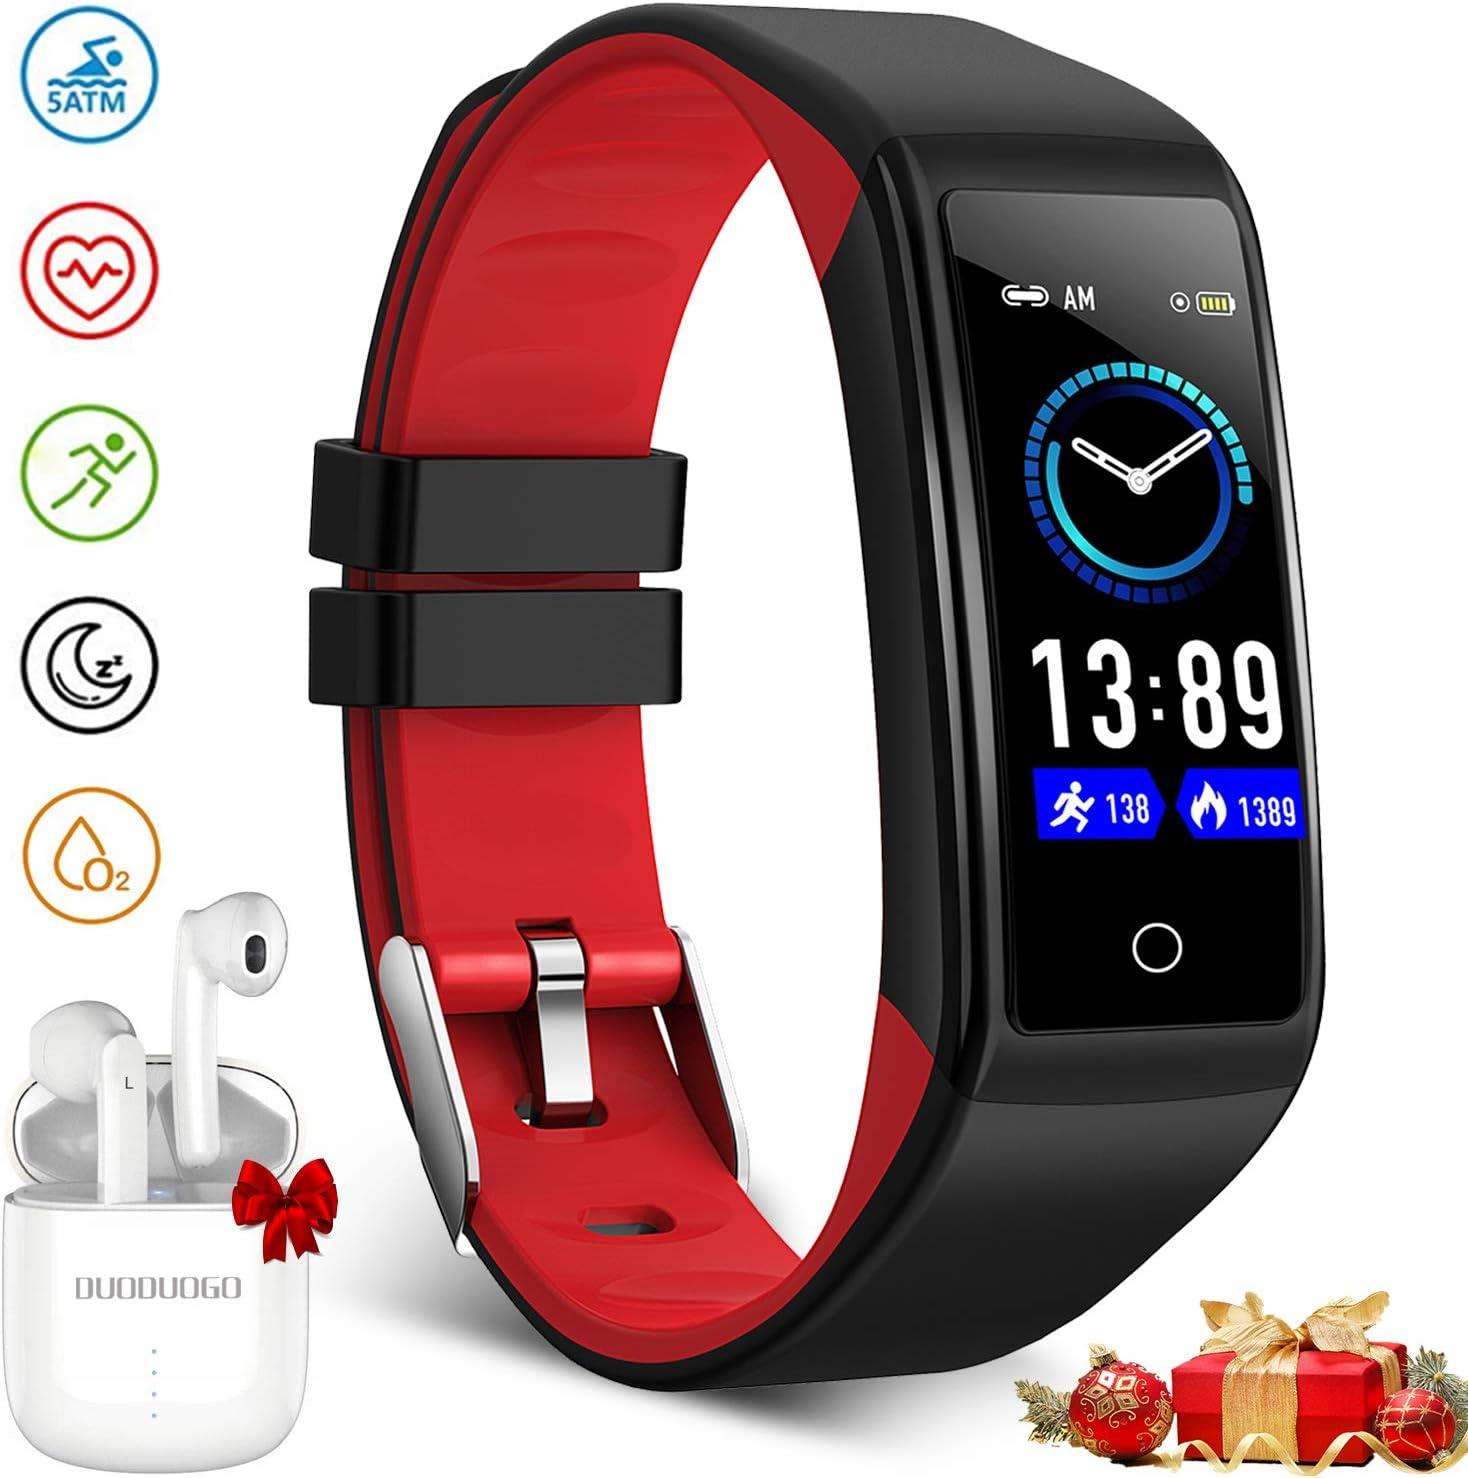 DUODUOGO H3 Reloj Inteligente Mujer y Hombre, Reloj Smartwatch Impermeable IP68 Pulsera Actividad Deportivo con Monitor de Sueño Pulsómetro Reloj Compatible con Android y iOS (Rojo)